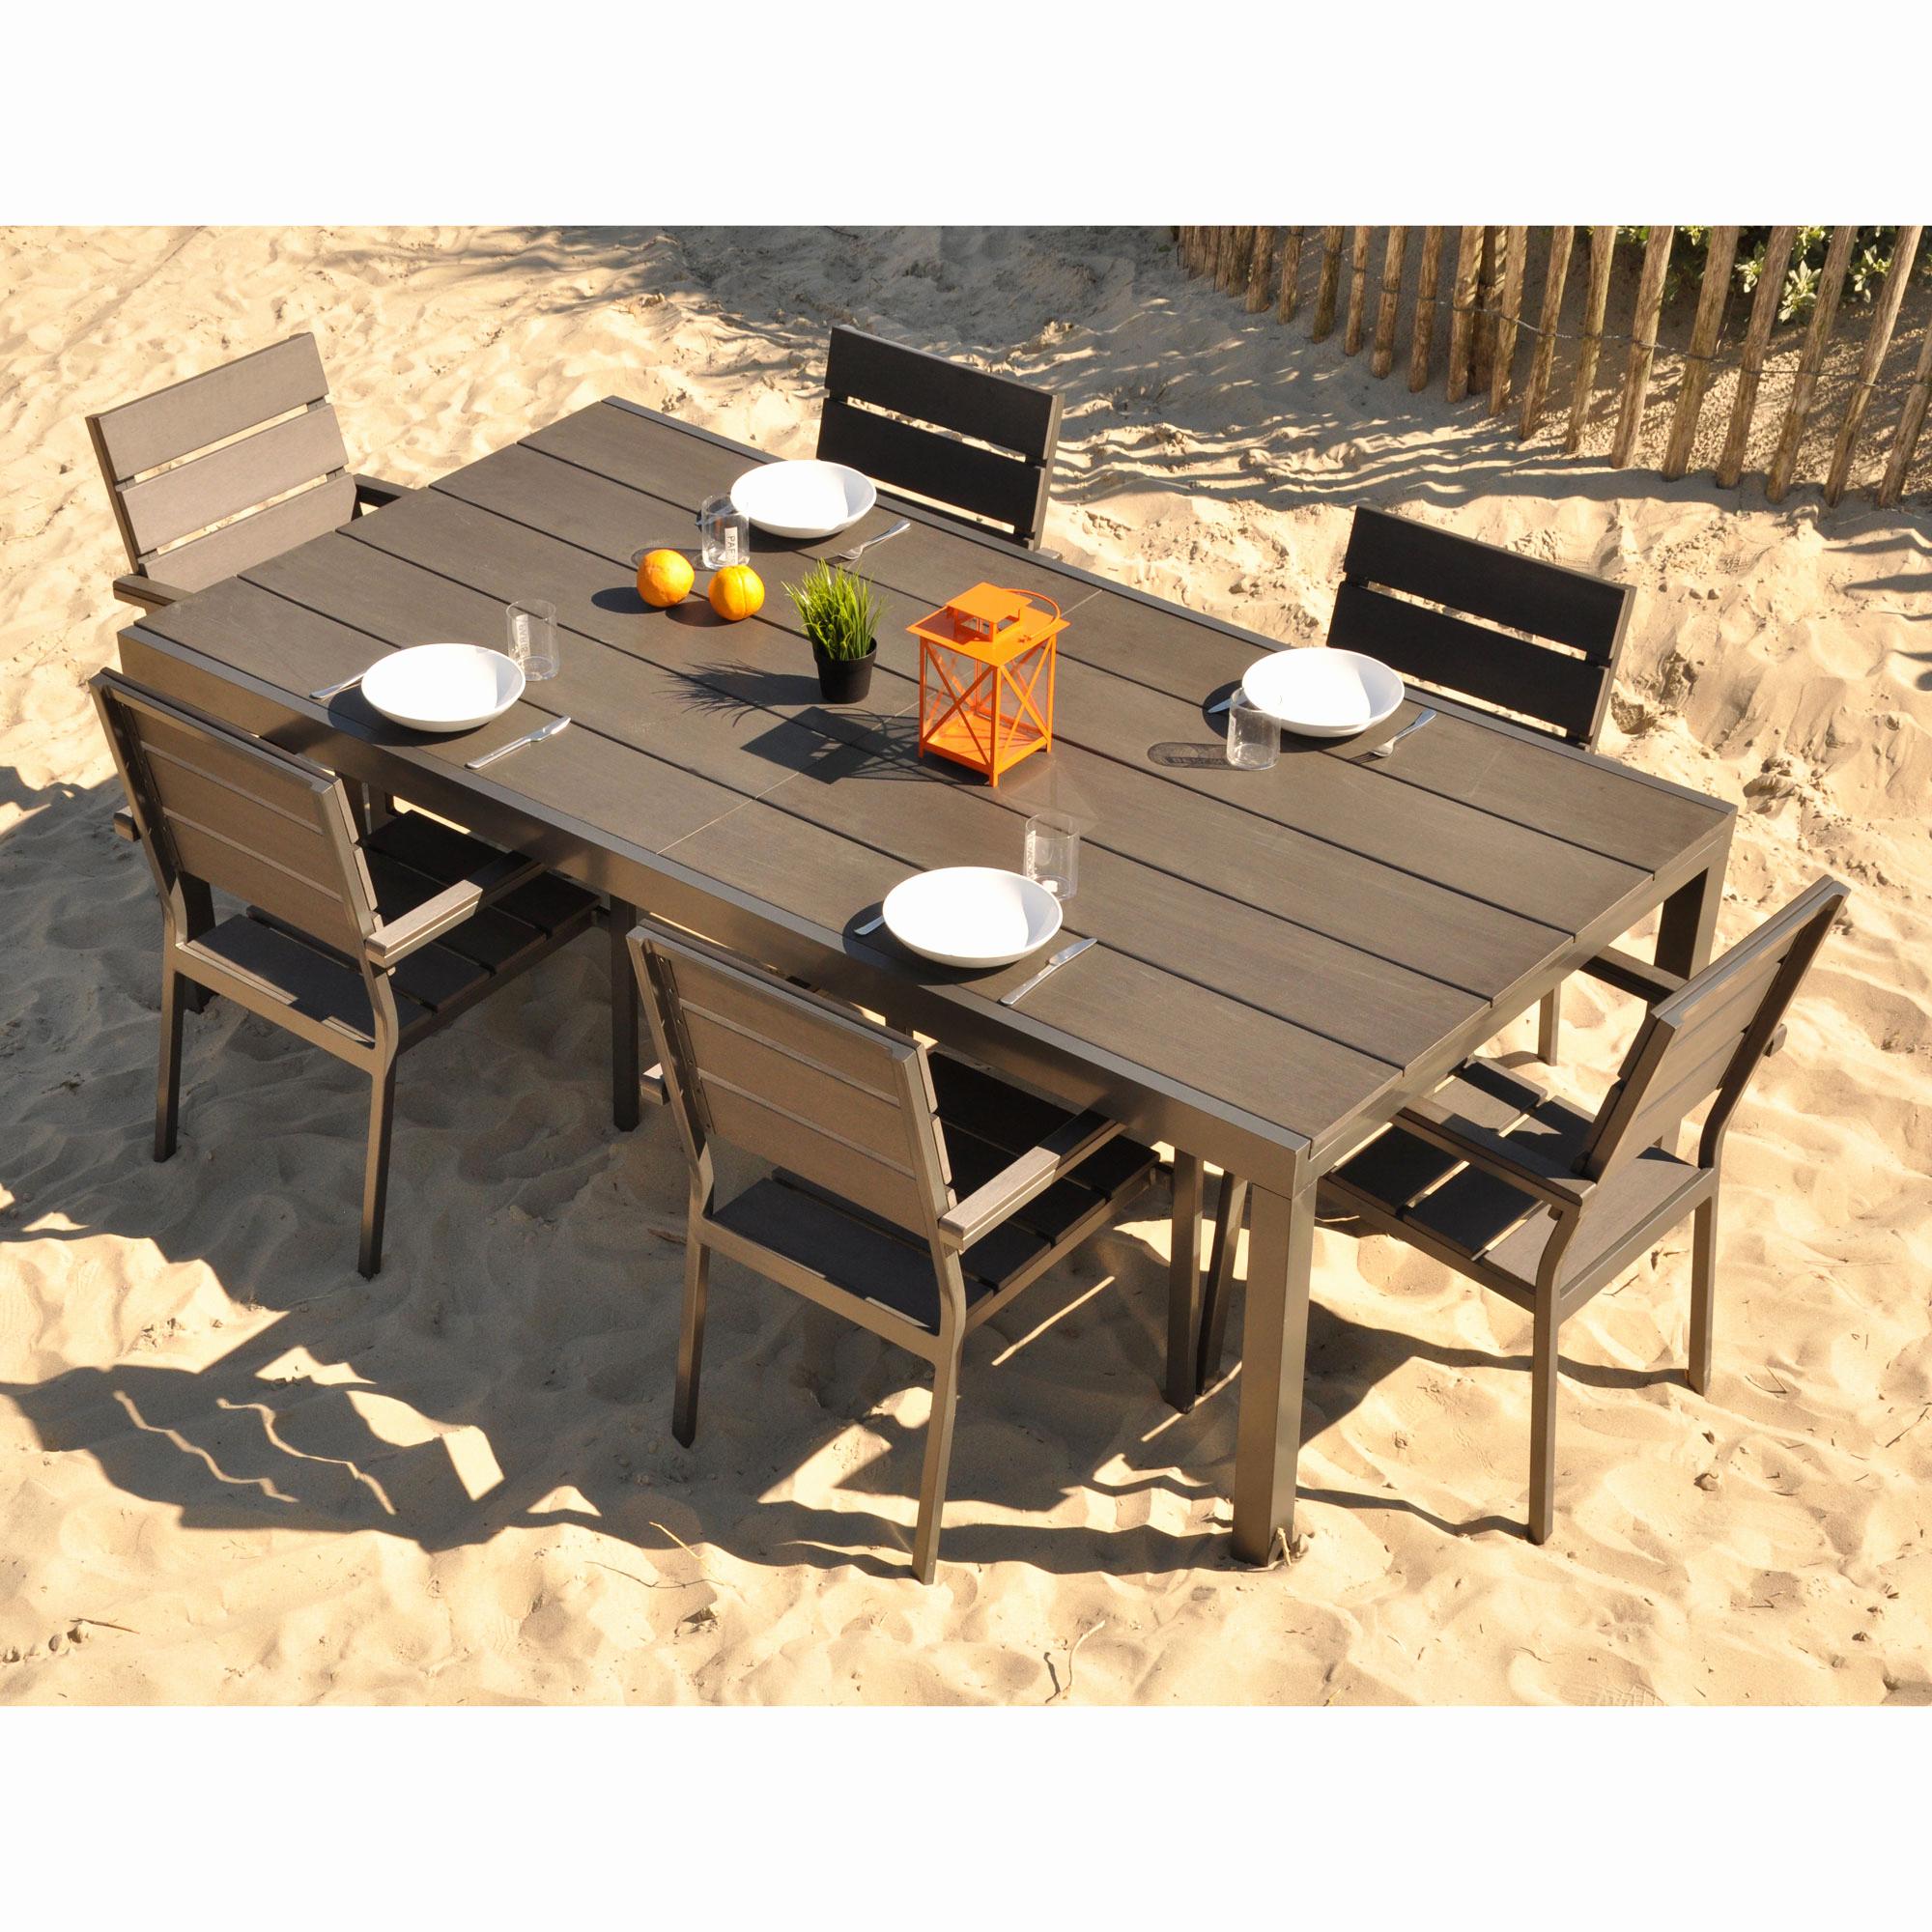 Table De Jardin Intermarche Frais Collection Table De Jardin Bois Pas Cher Inspirant Best Salon De Jardin Bois